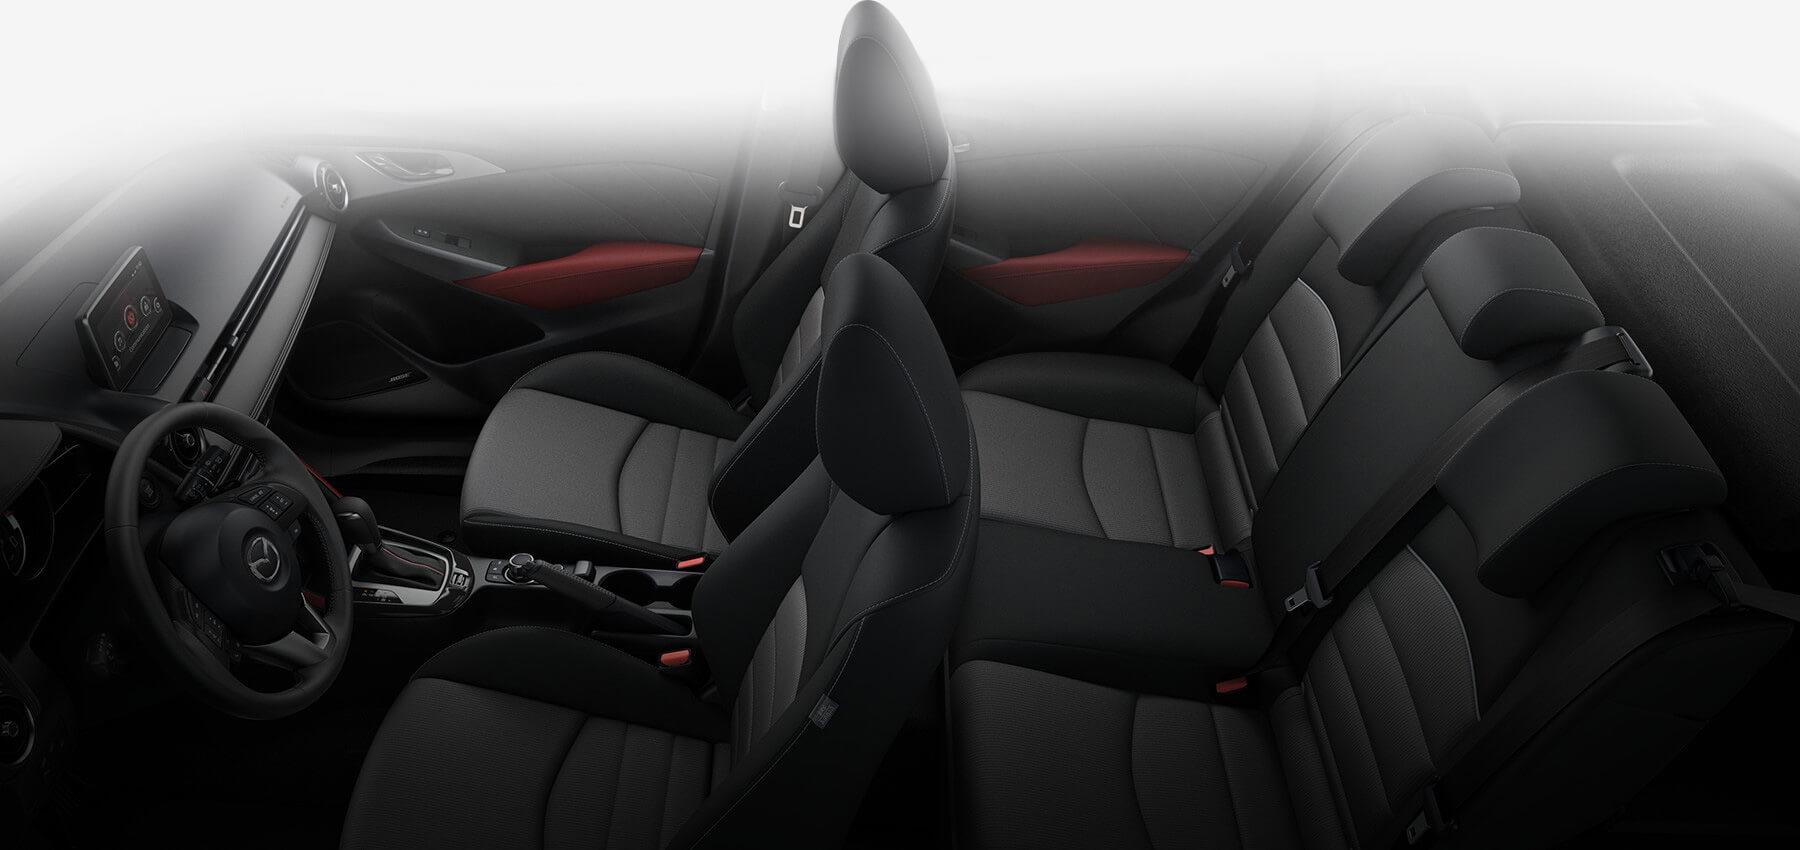 2017 Mazda Cx 3 Subcompact Crossover Compact Suv Mazda Usa